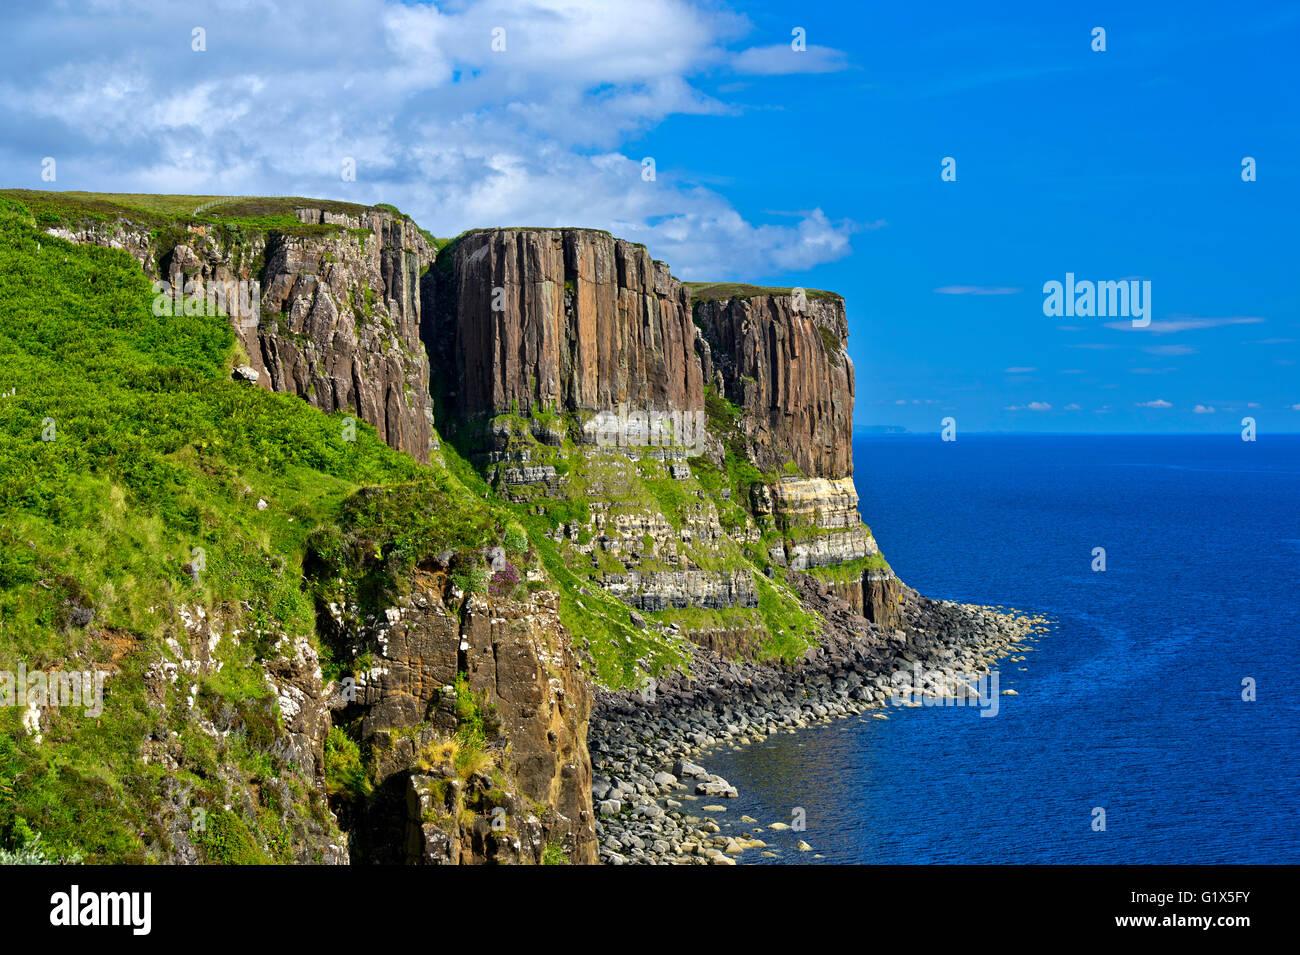 Kilt Rock Basaltfelsen in der Nähe von Staffin, Isle Of Skye, Schottland, Großbritannien Stockbild